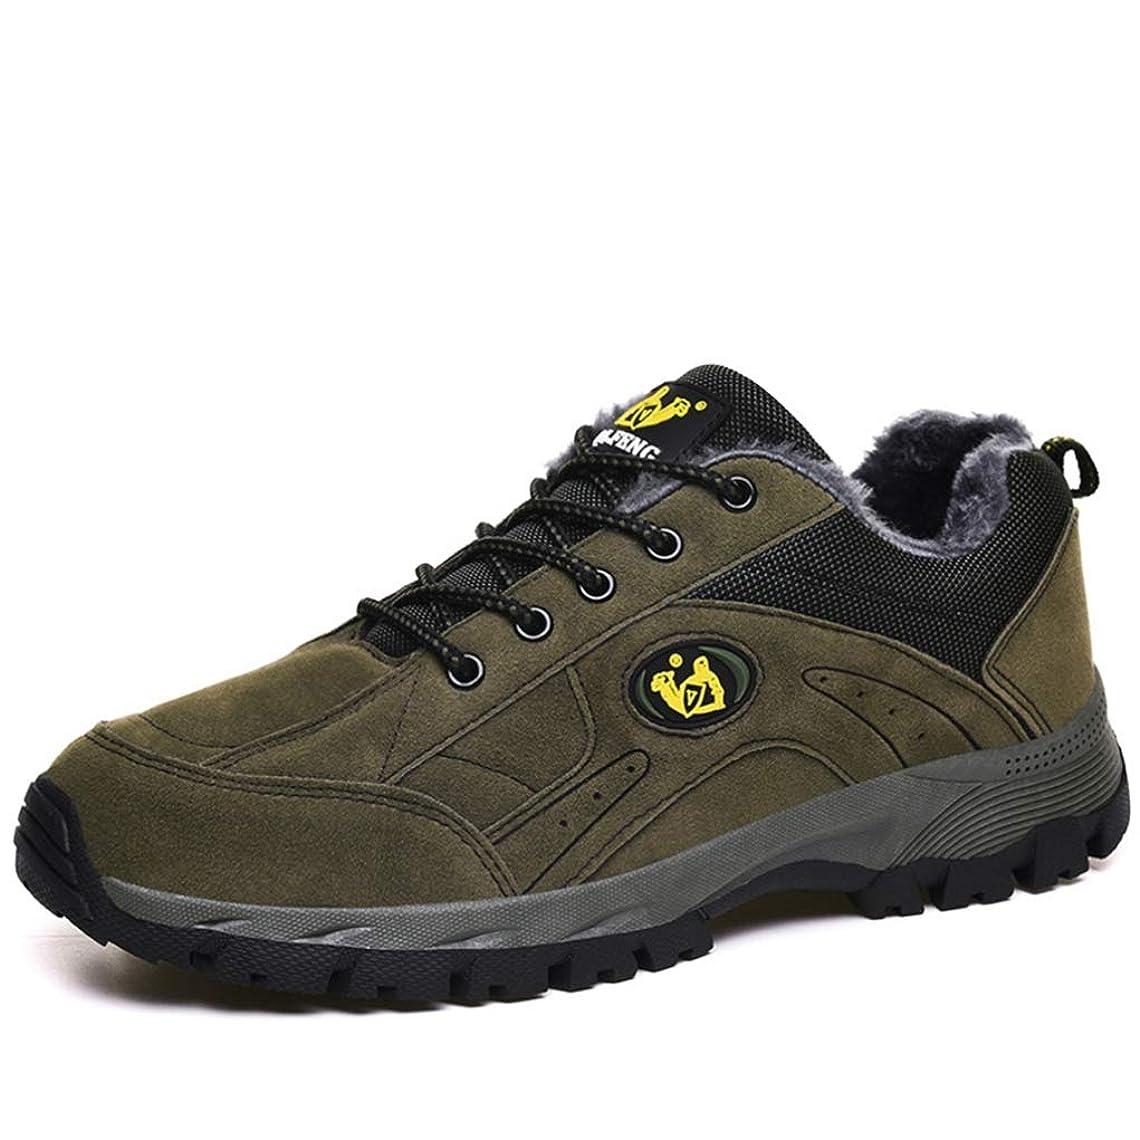 番目審判馬鹿げた[AWOR] 大きいサイズ シューズ メンズ アウトドアシューズ 小さいサイズ 通気性 トレッキングシューズ 滑り止め 耐摩耗性 ハイキングシューズ ローカット スニーカー 散歩 登山 ジョギング ウォーキング 靴 スポーツシューズ